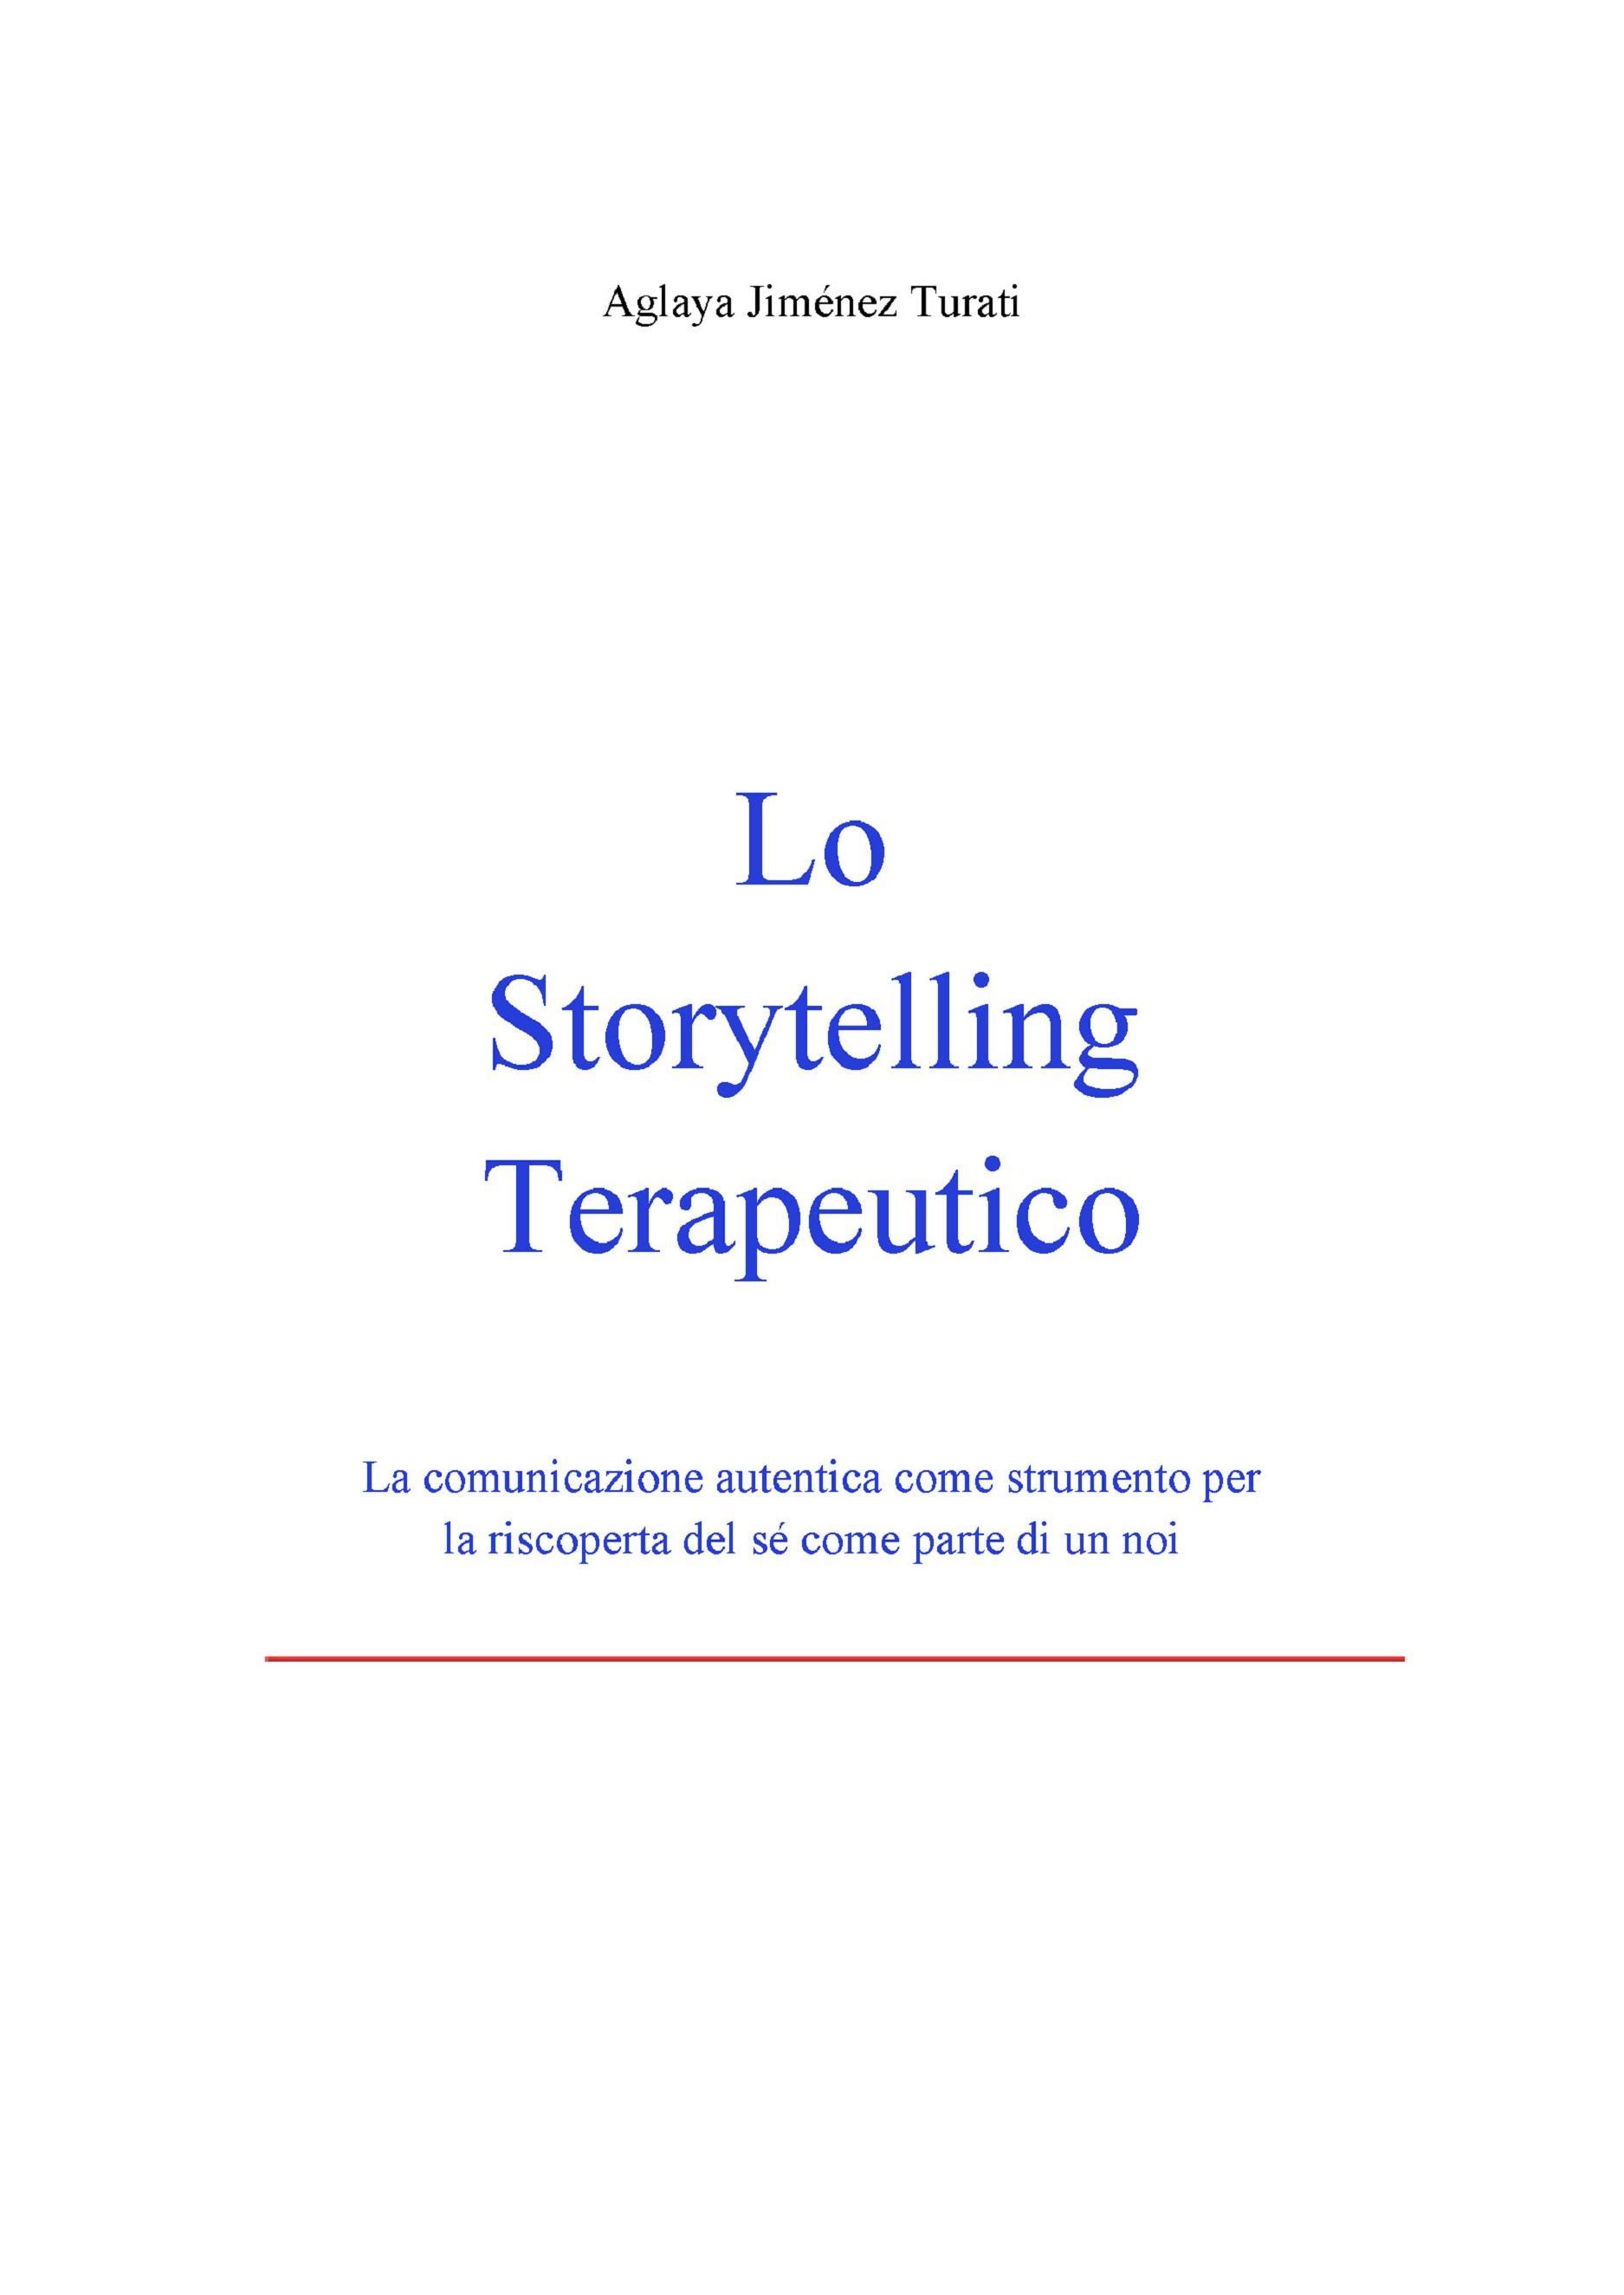 Lo Storytelling Terapeutico - La comunicazione autentica come strumento per la riscoperta del sé come parte di un noi